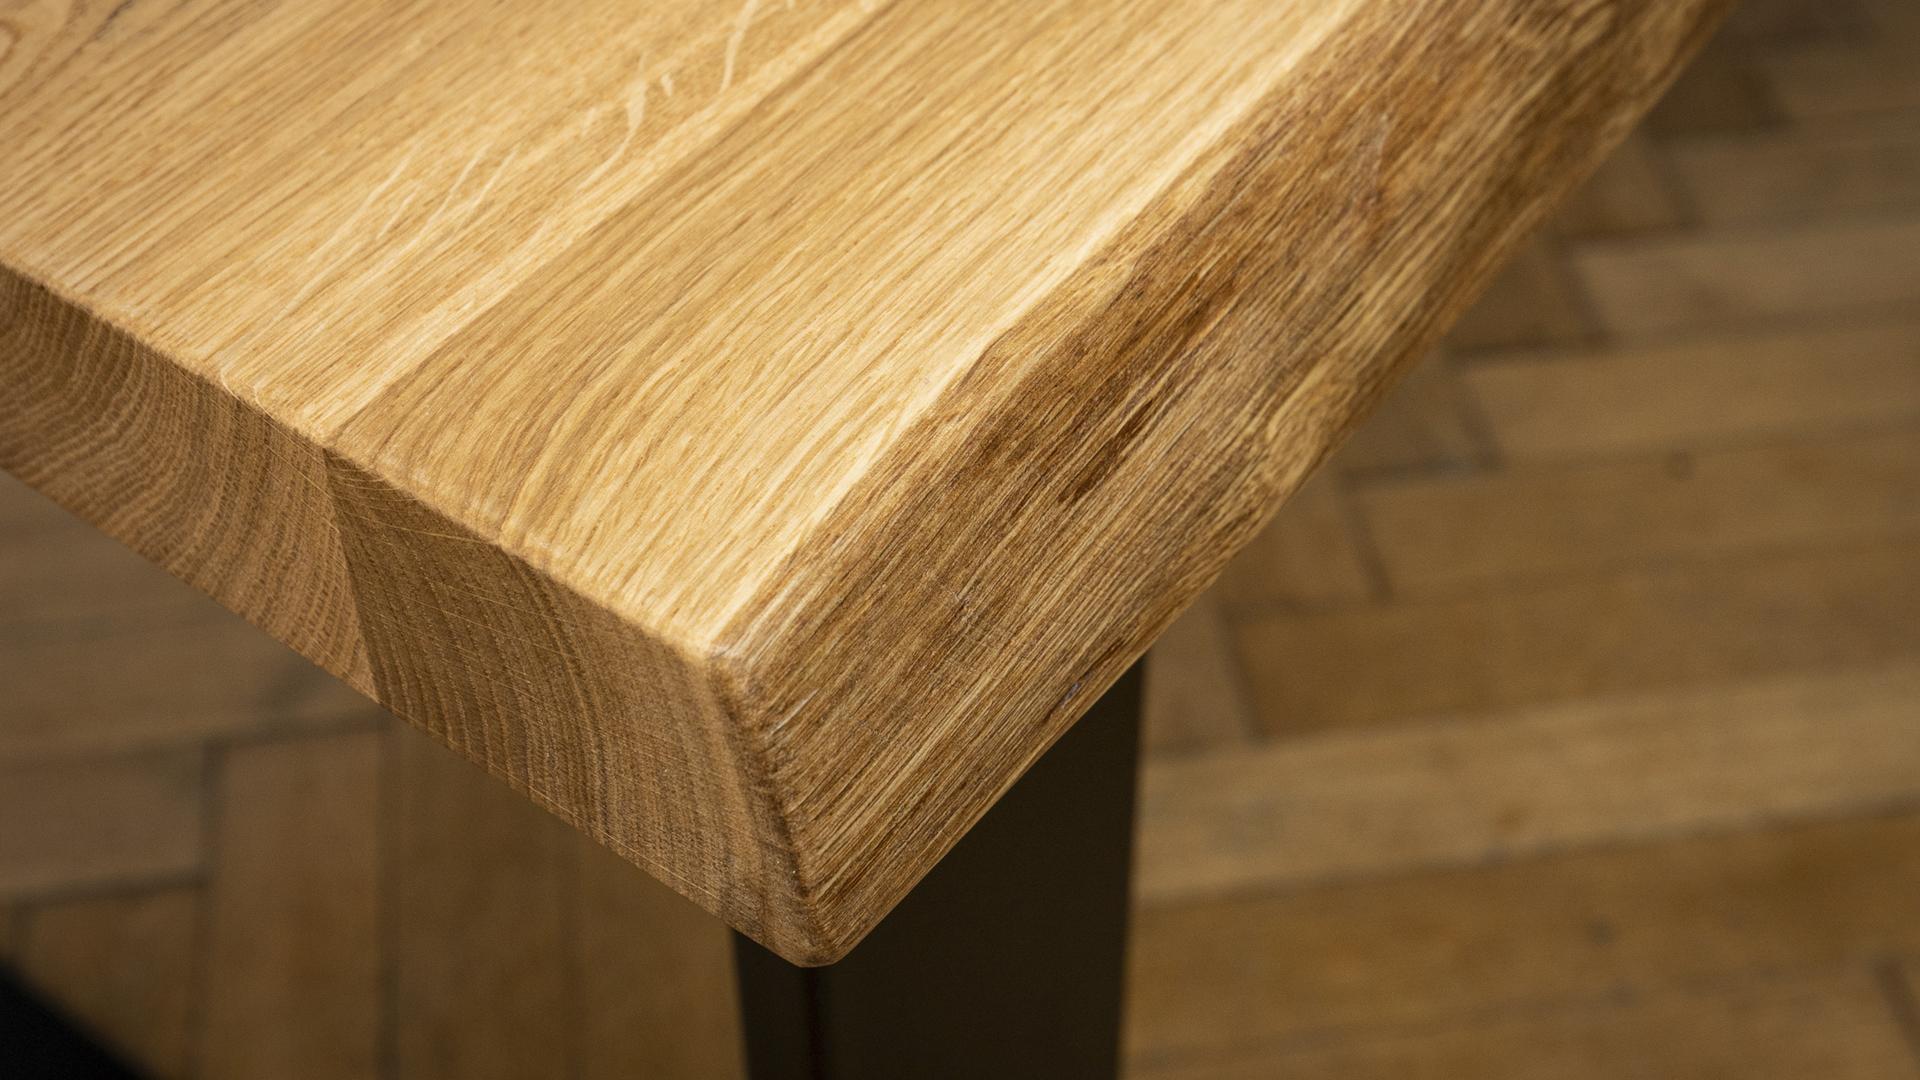 Dębowy stół w stylu industrialnym